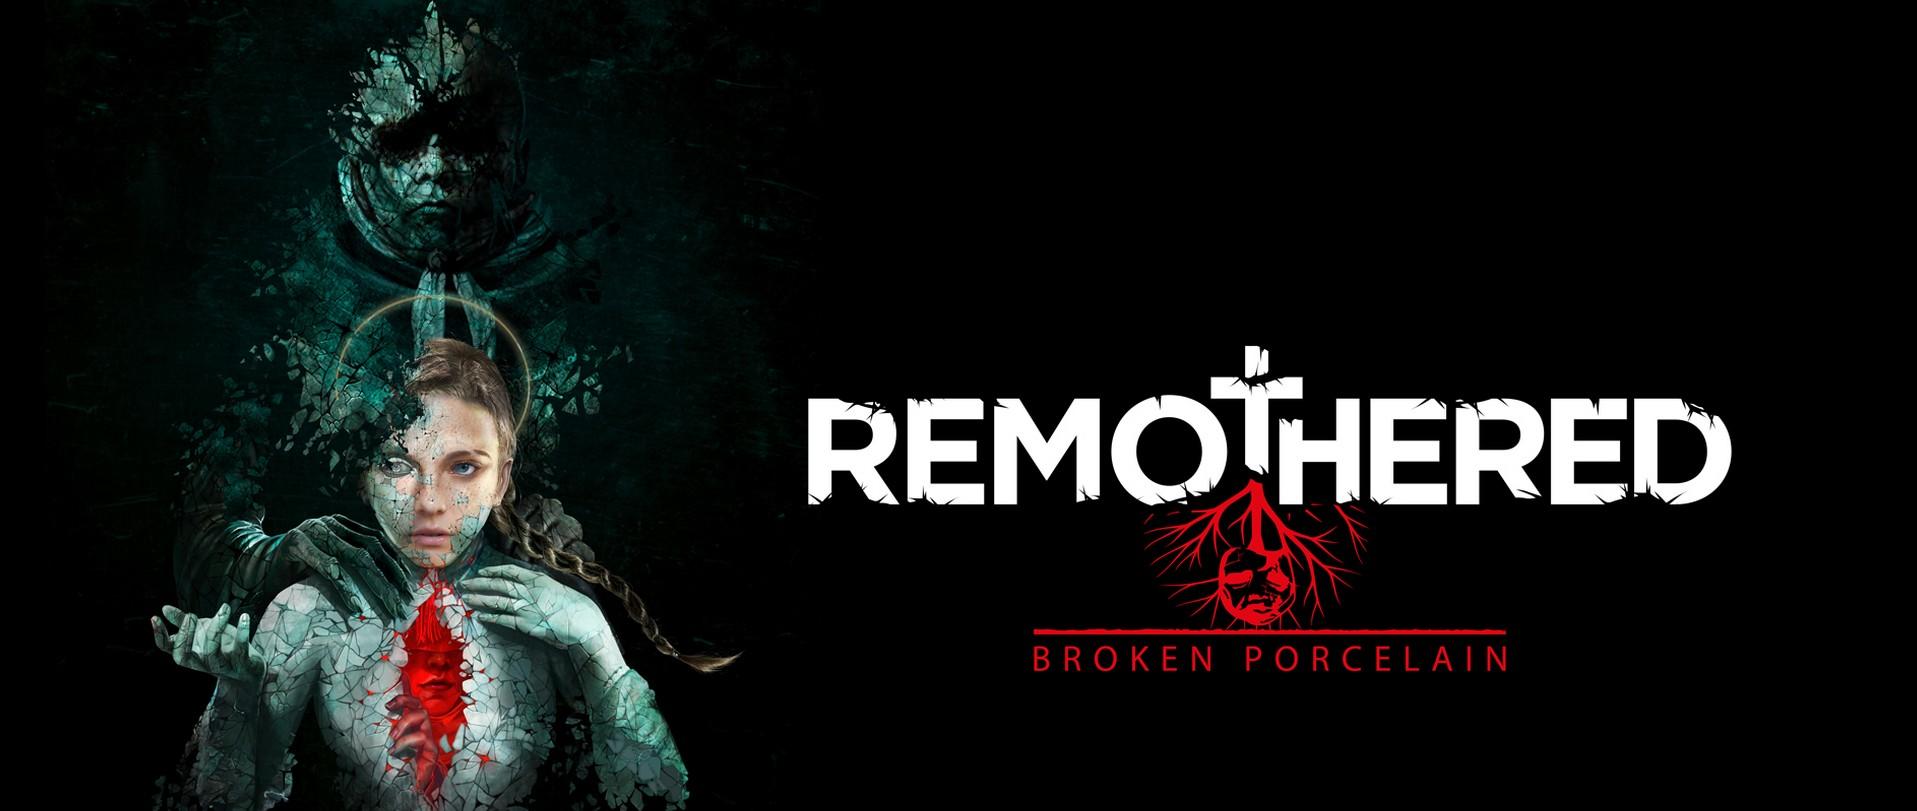 Remothered Broken Porcelain se trouve une nouvelle date de sortie